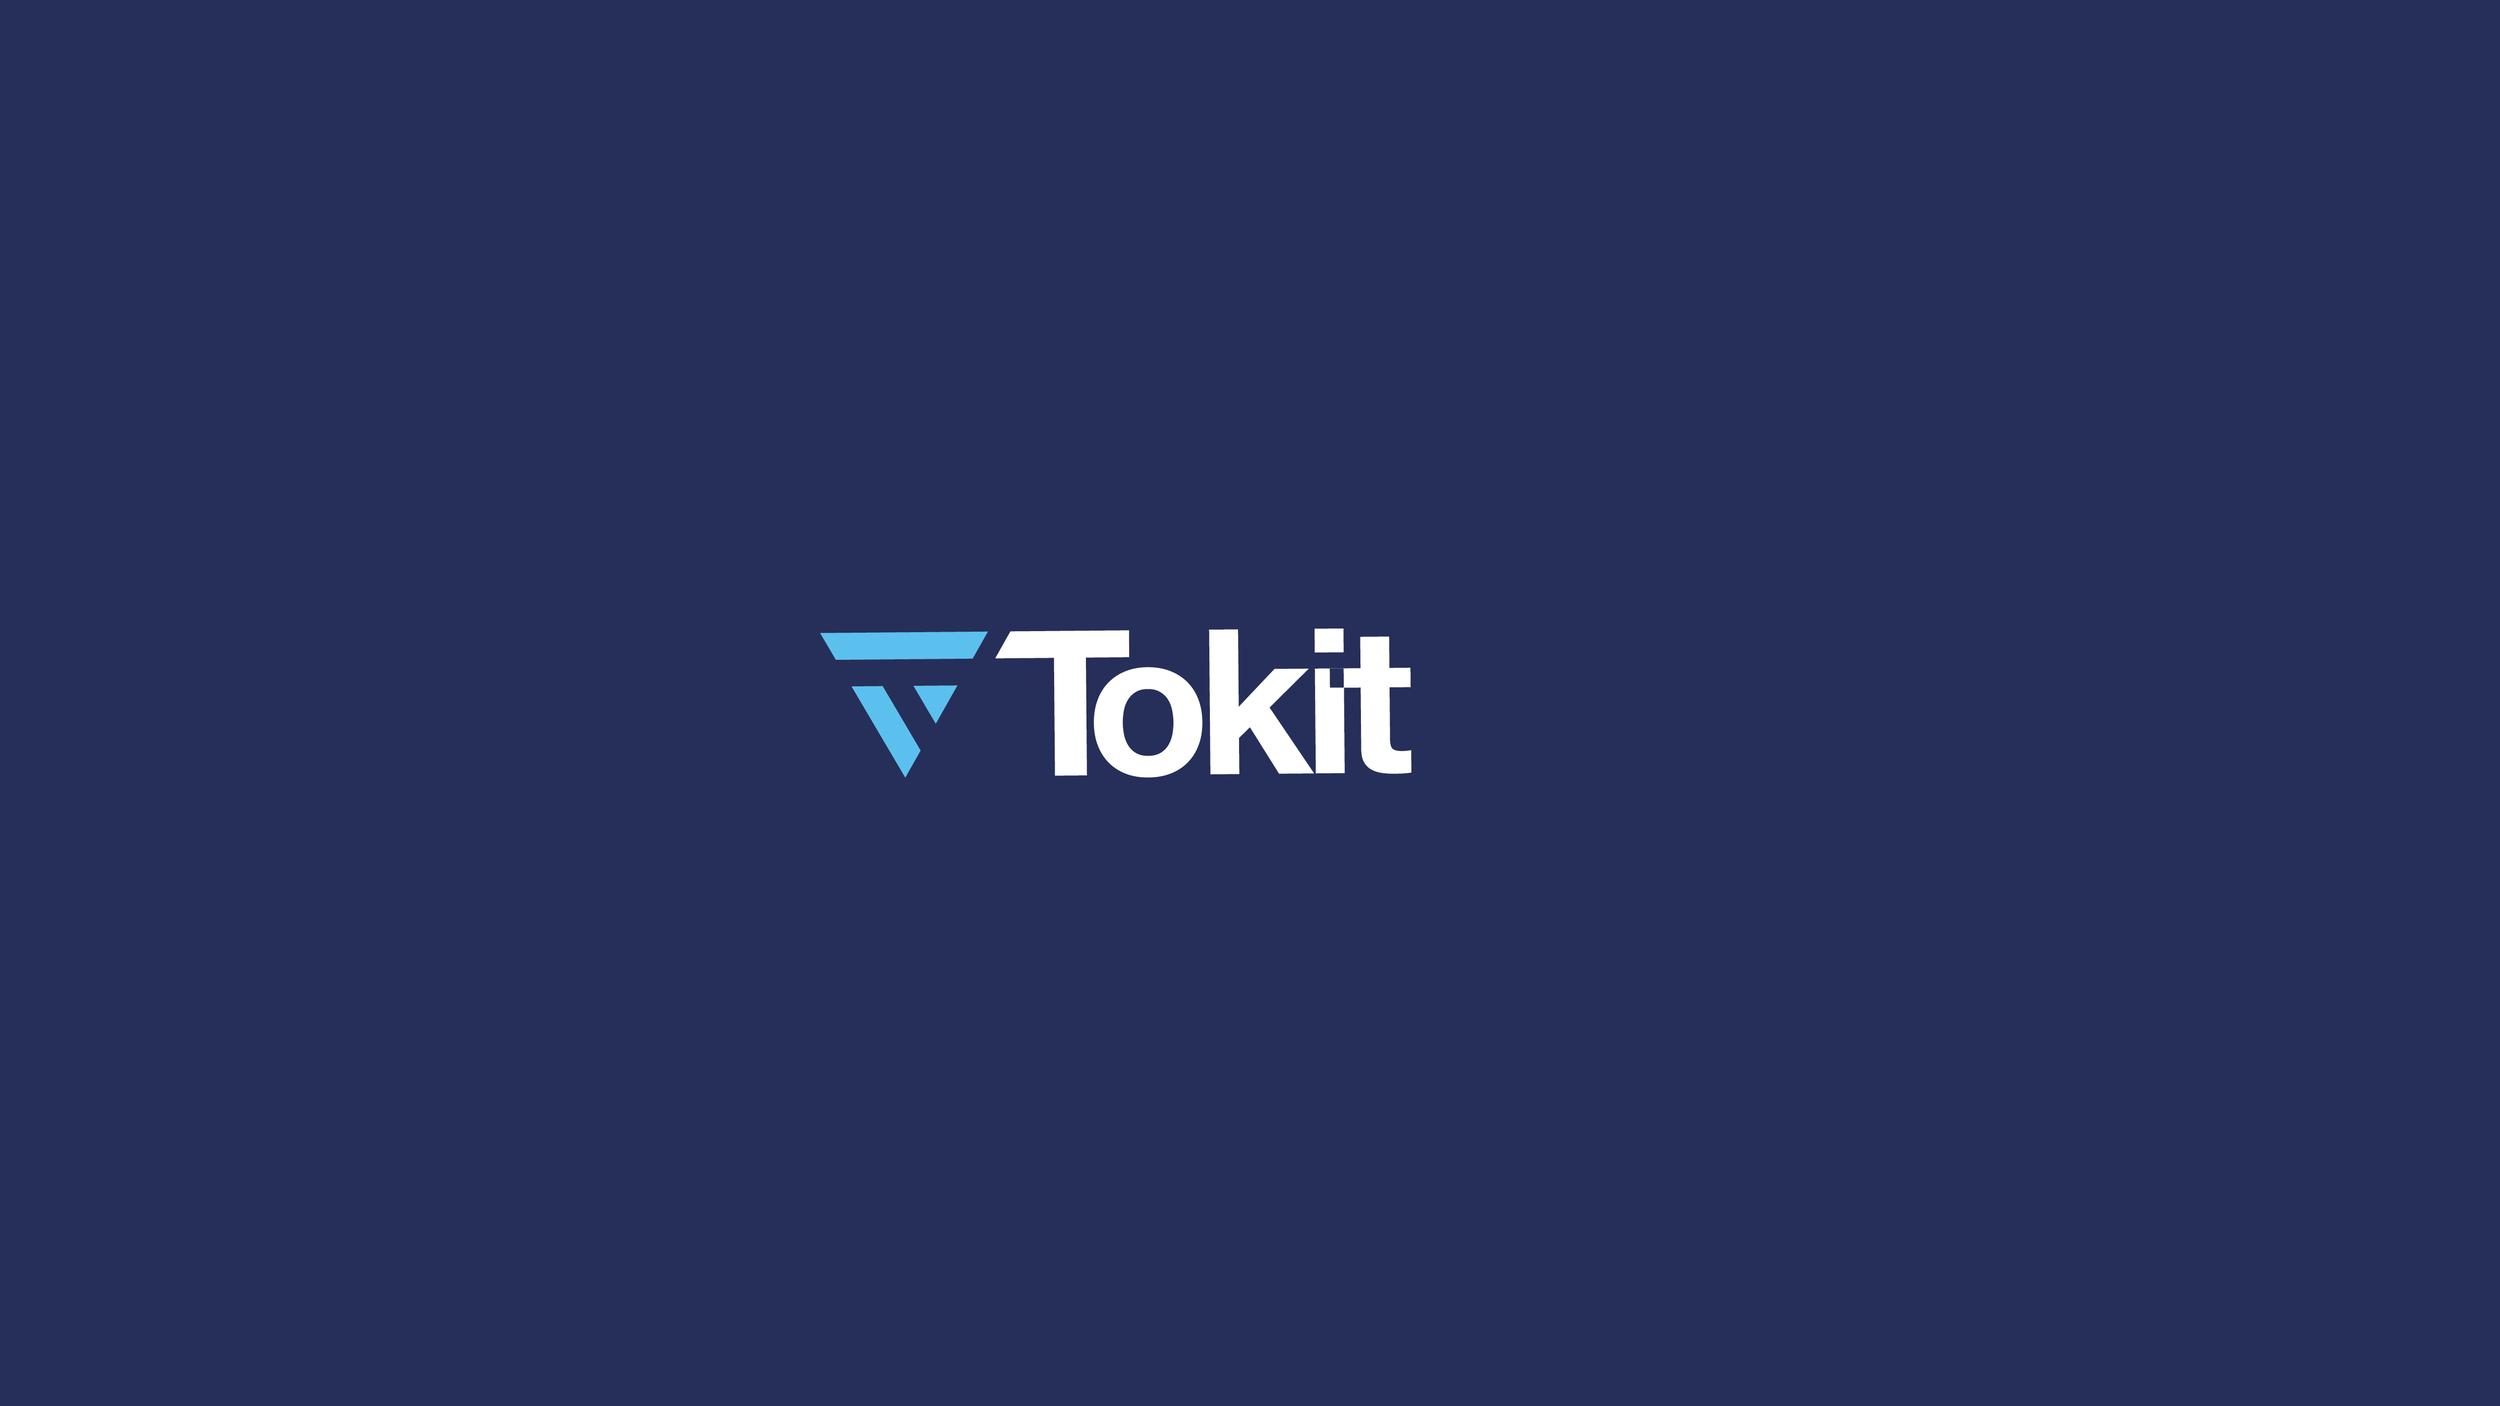 Tokit Presentation_2019.png